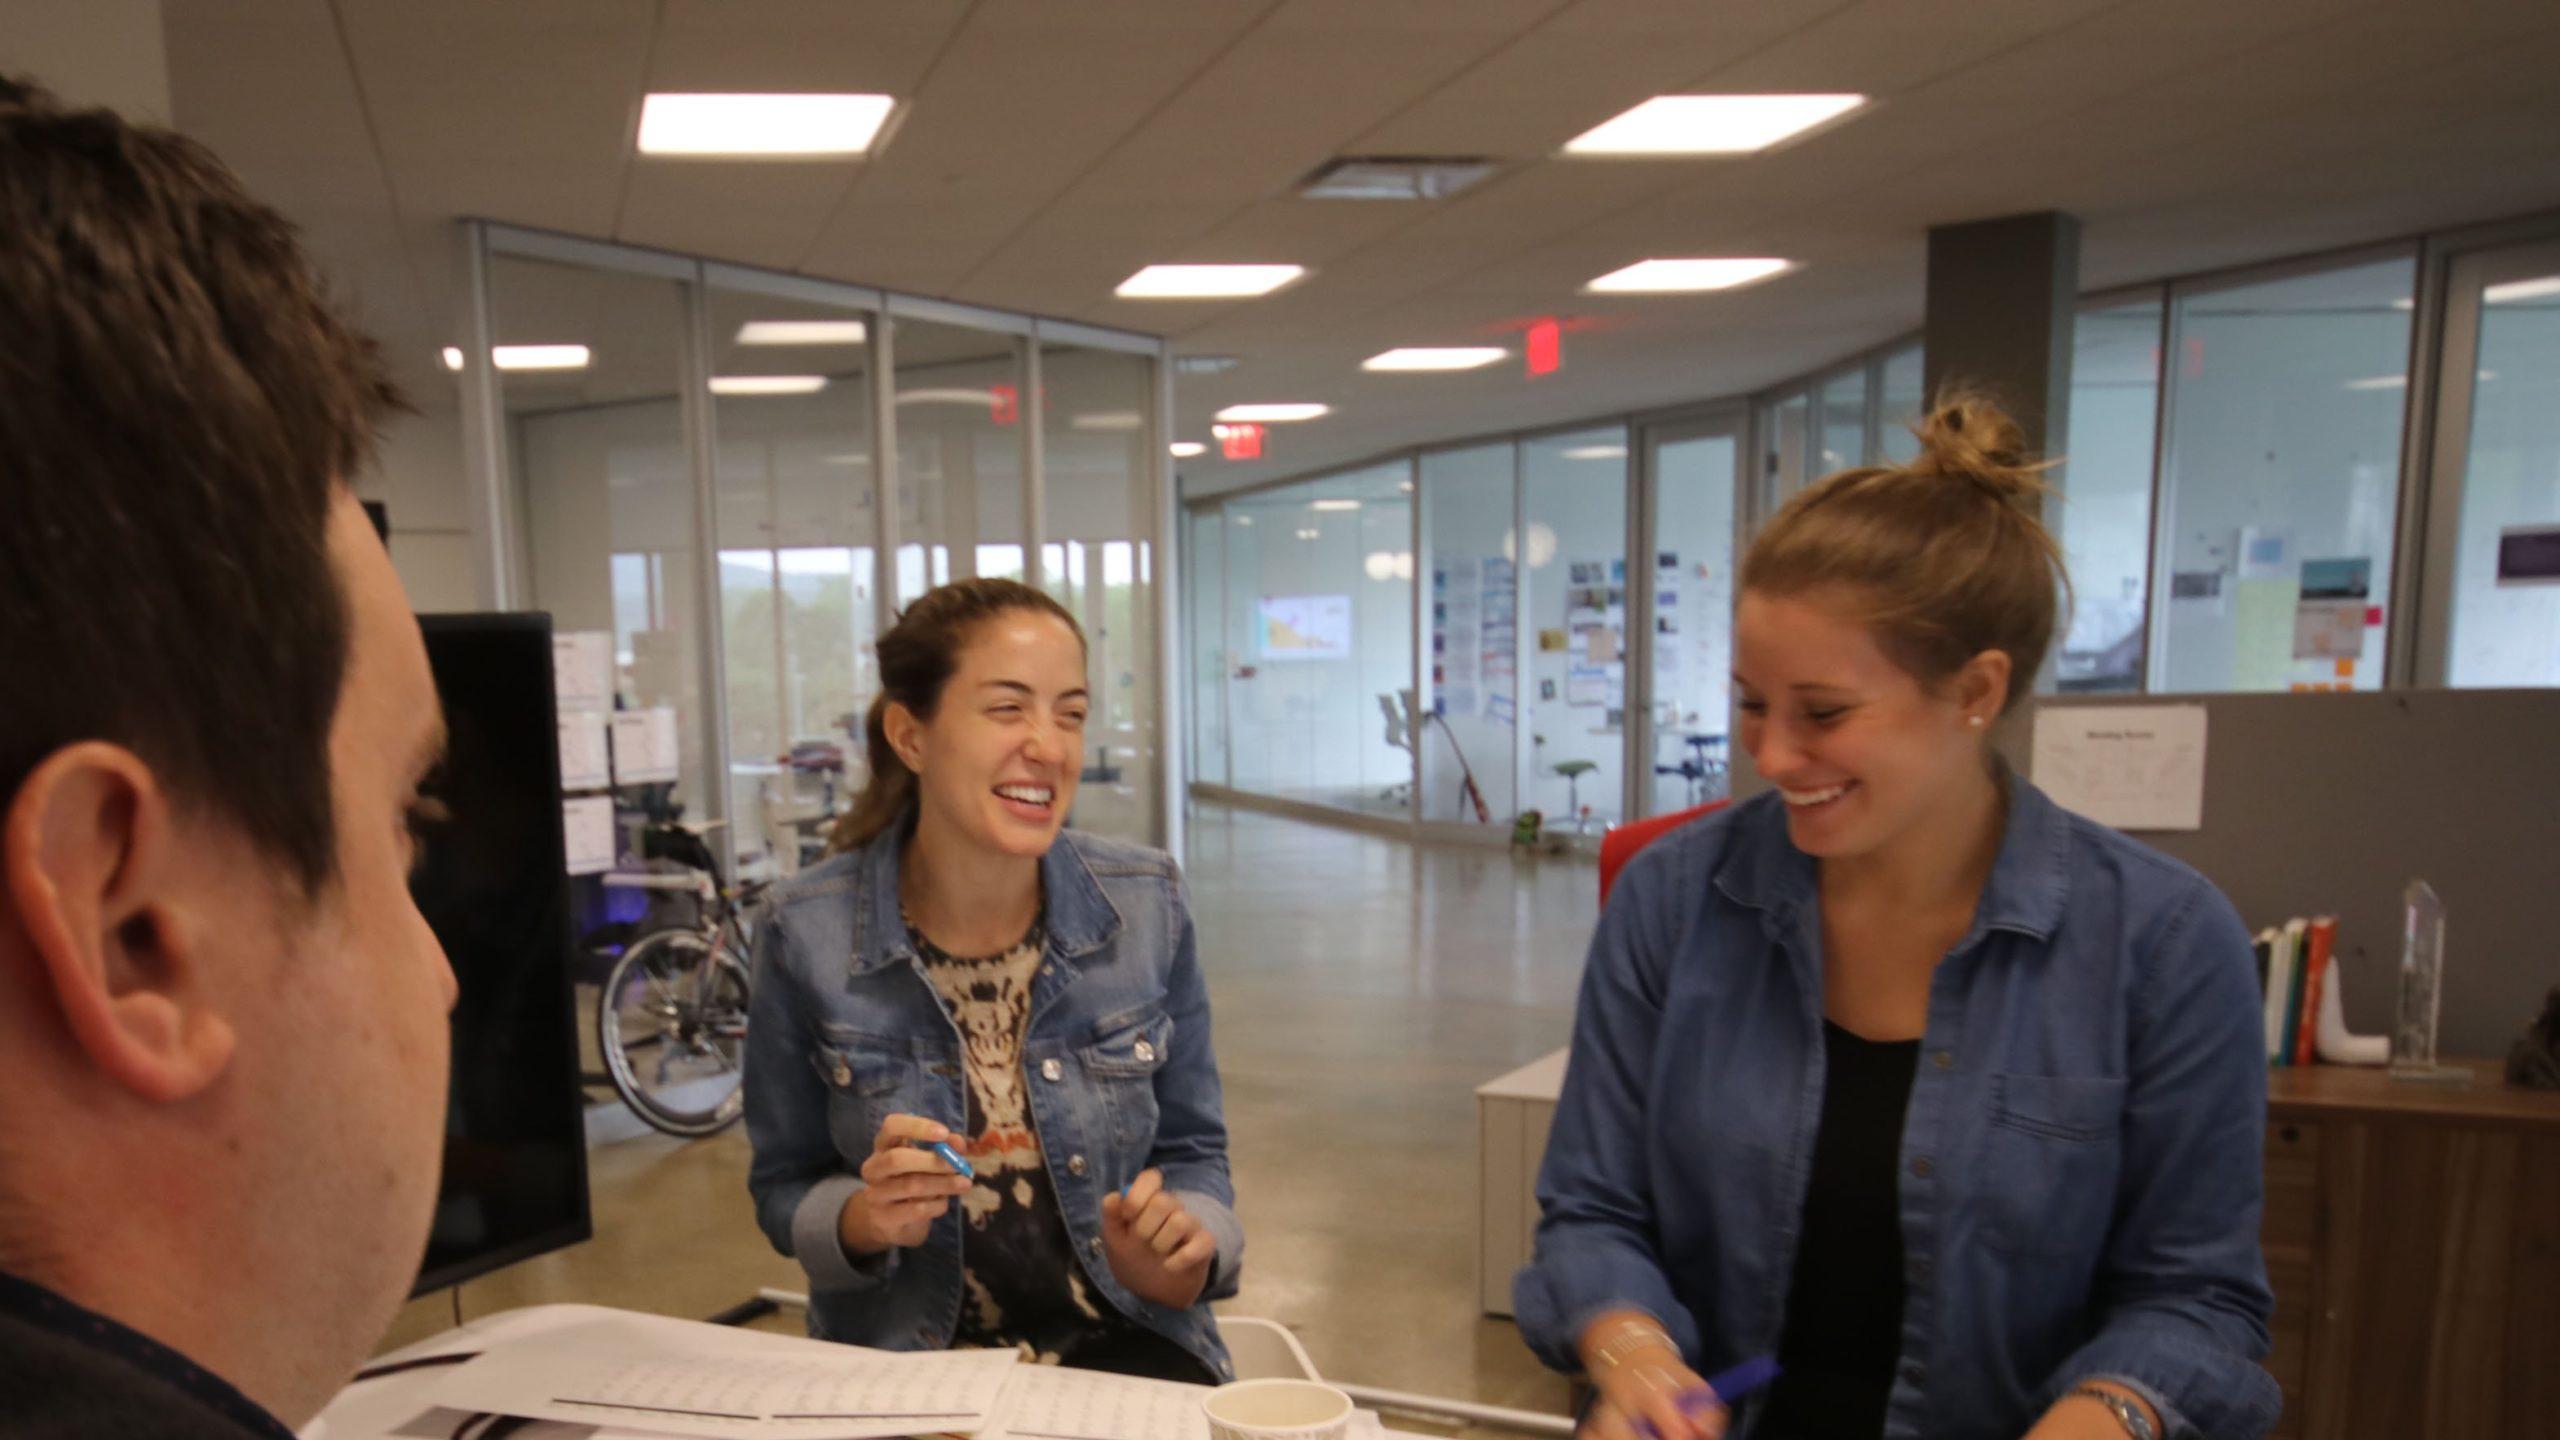 Jill and Marissa laughing